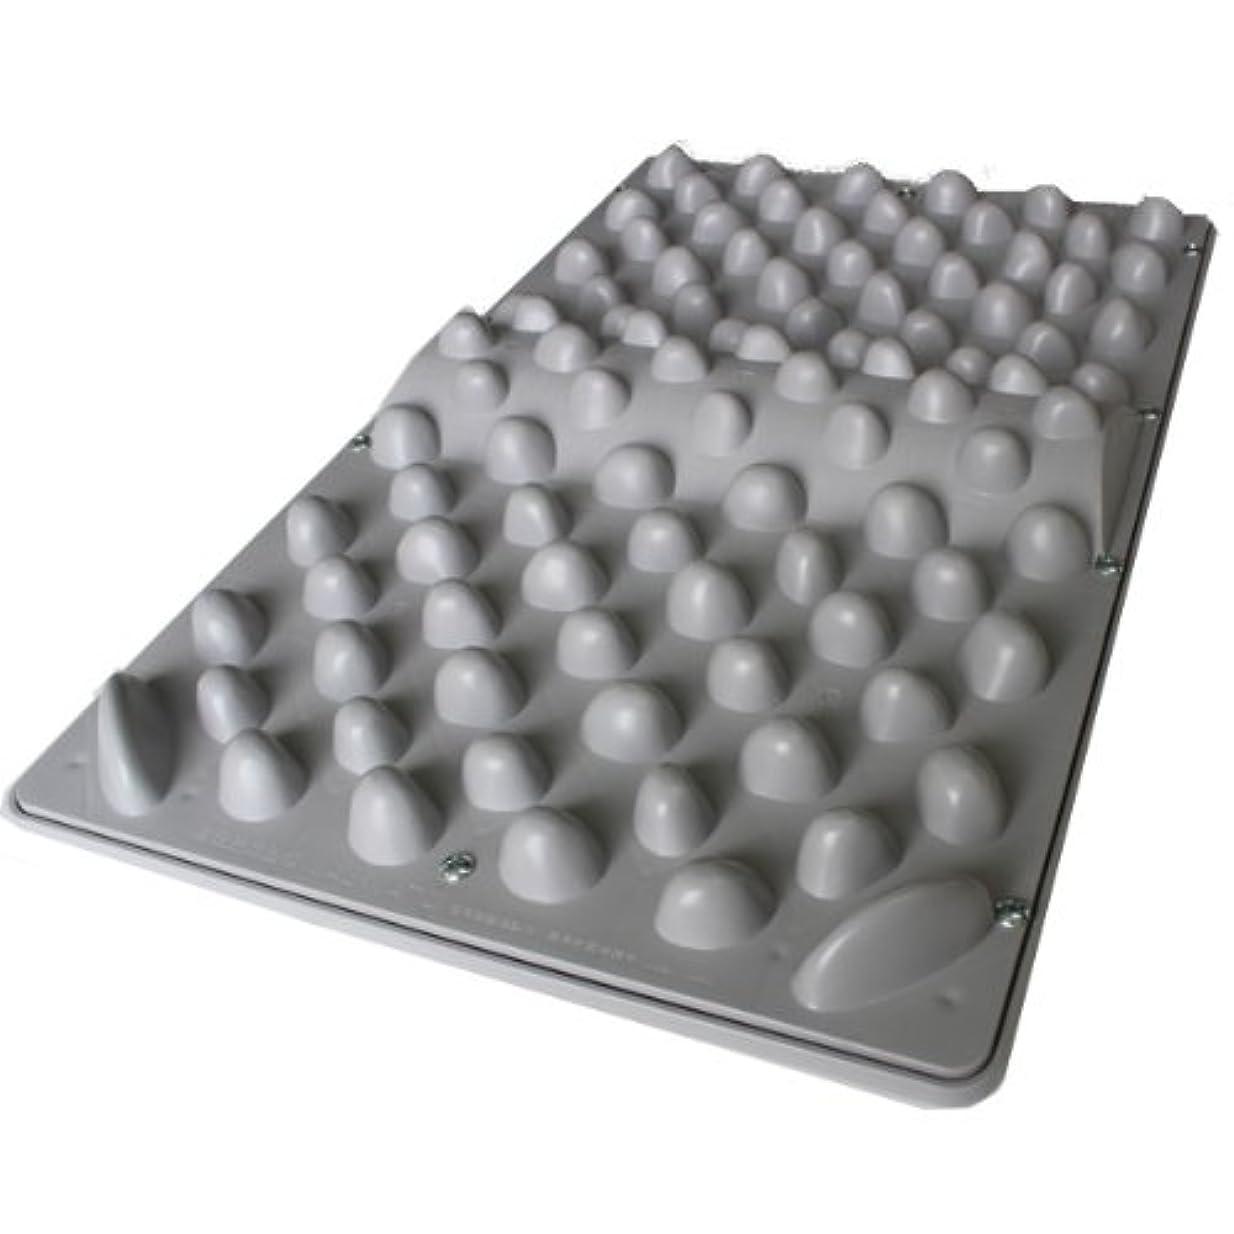 レッドデート普及ナビゲーション官足法 ウォークマットⅡ 裏板セット(ABS樹脂製補強板付き)